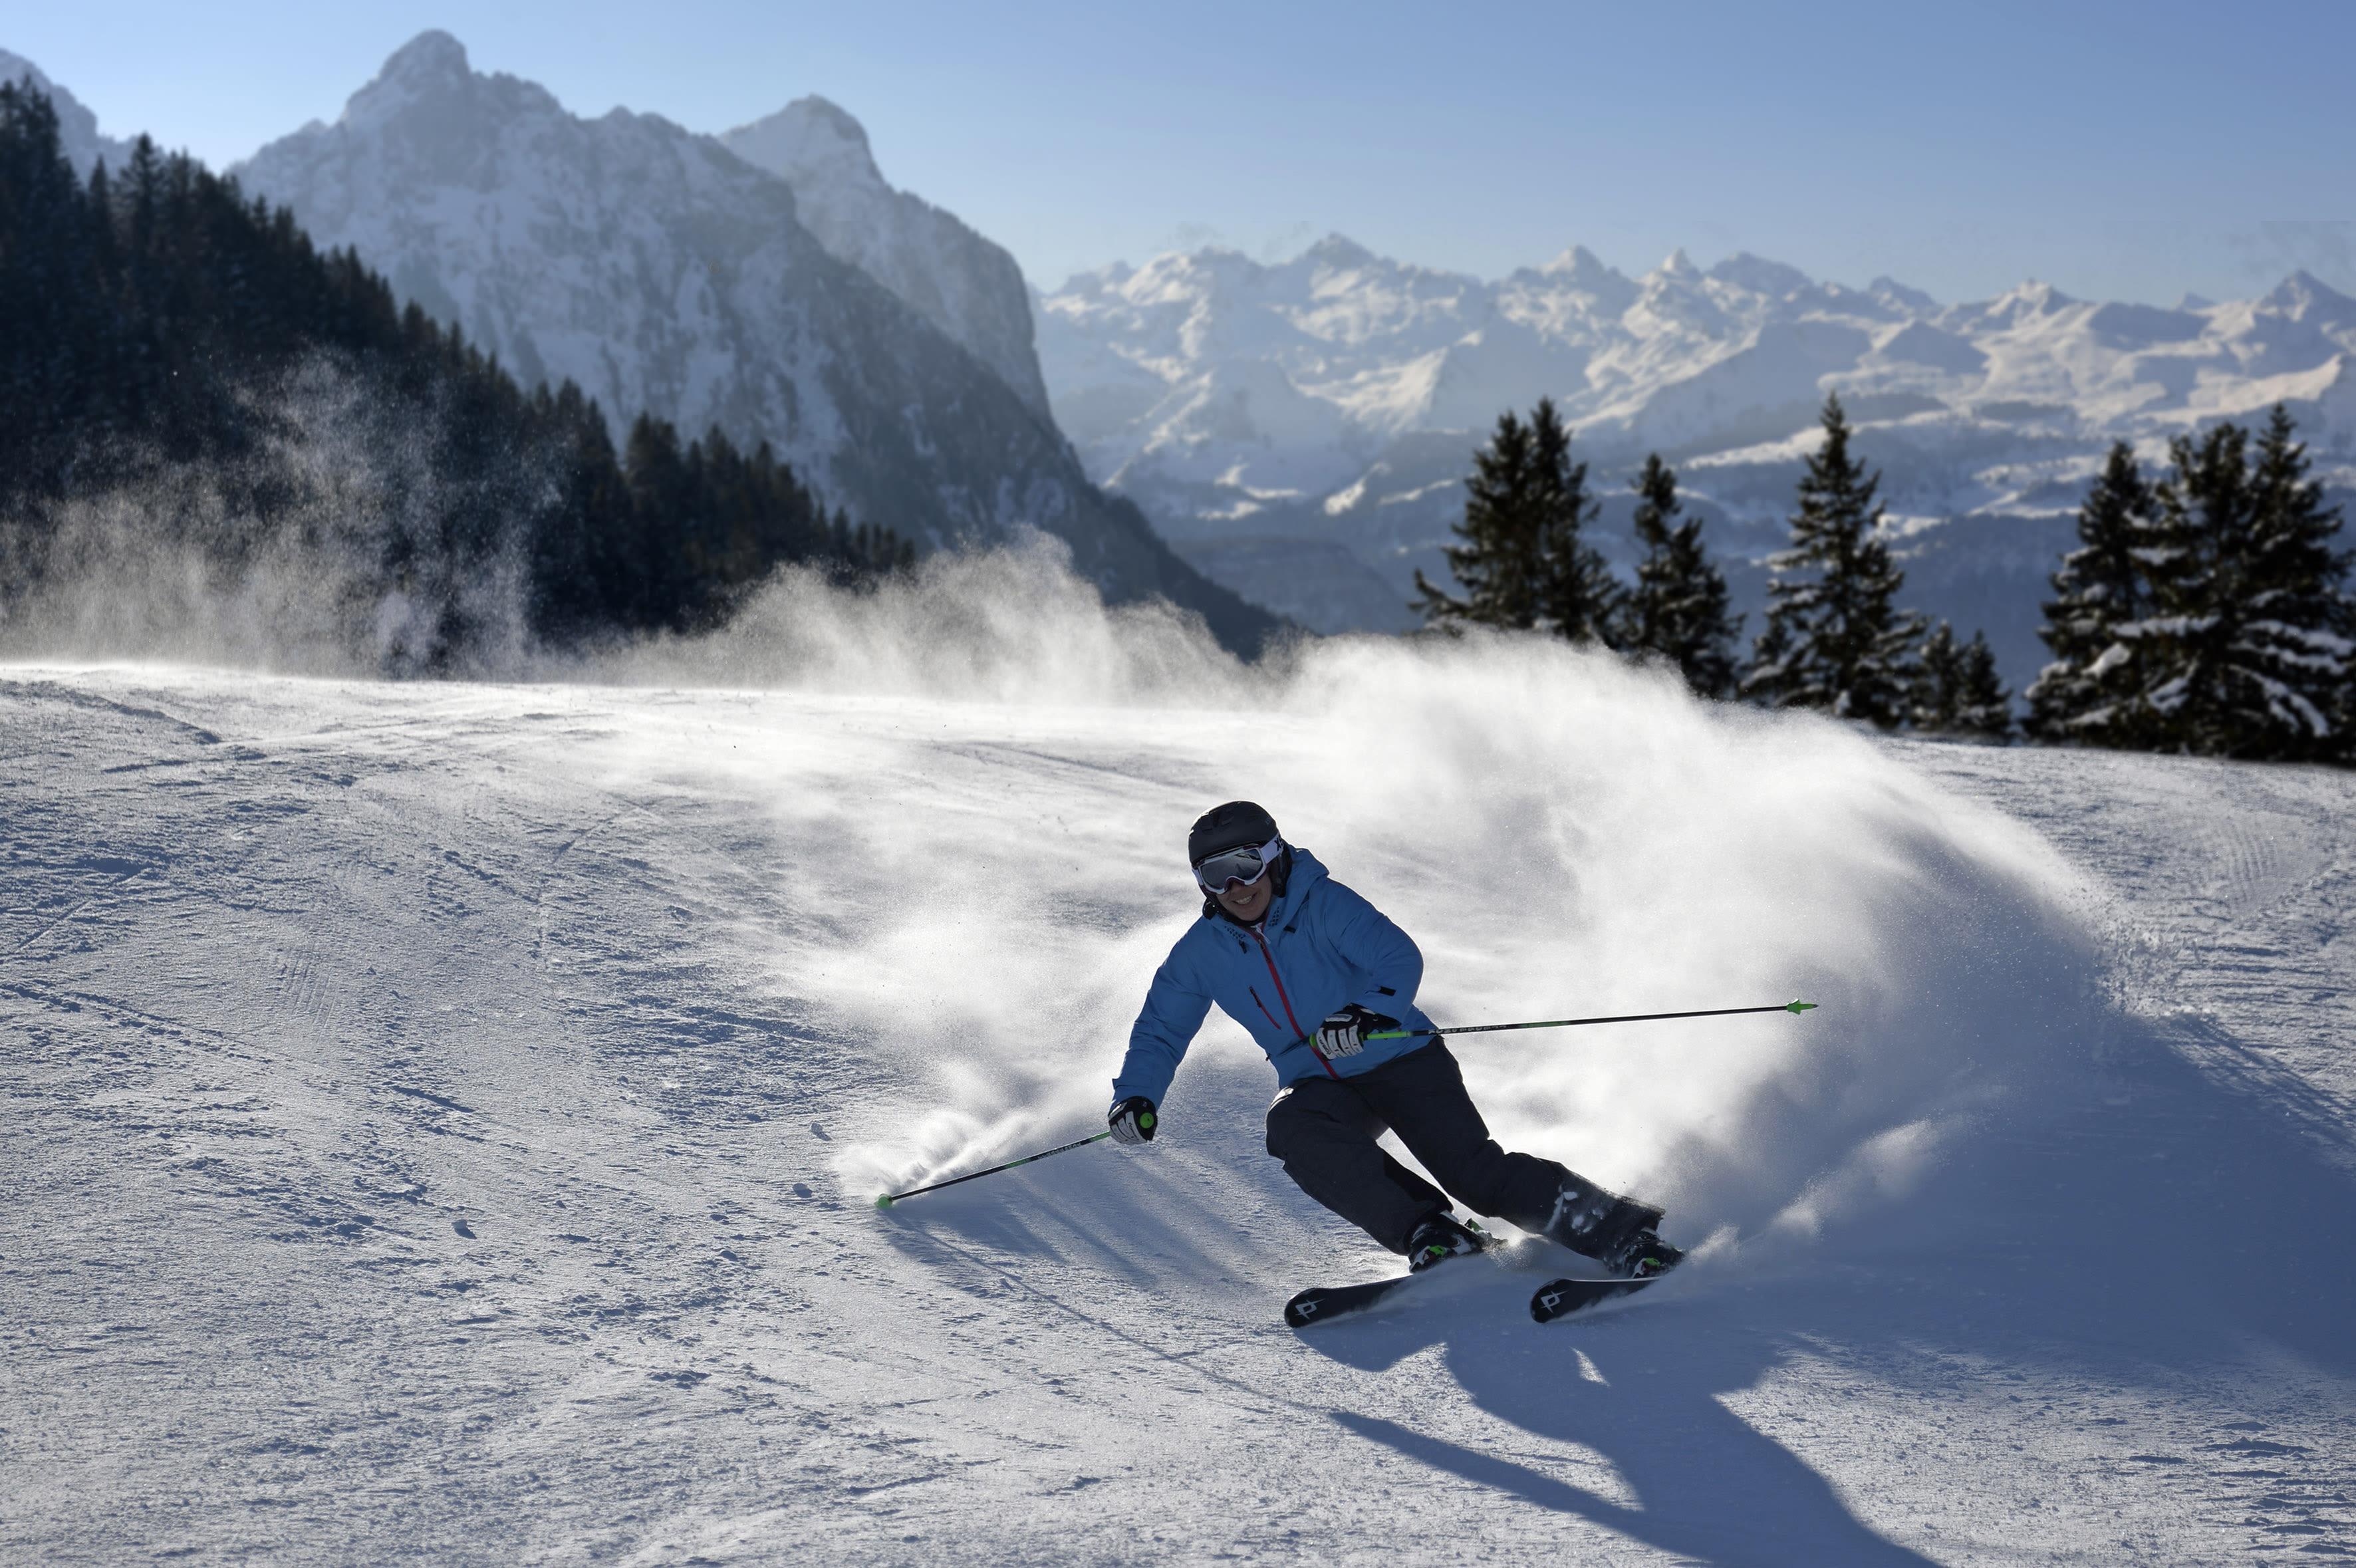 Schneebericht sattel hochstuckli wetter pistenbericht for Designhotel skigebiet